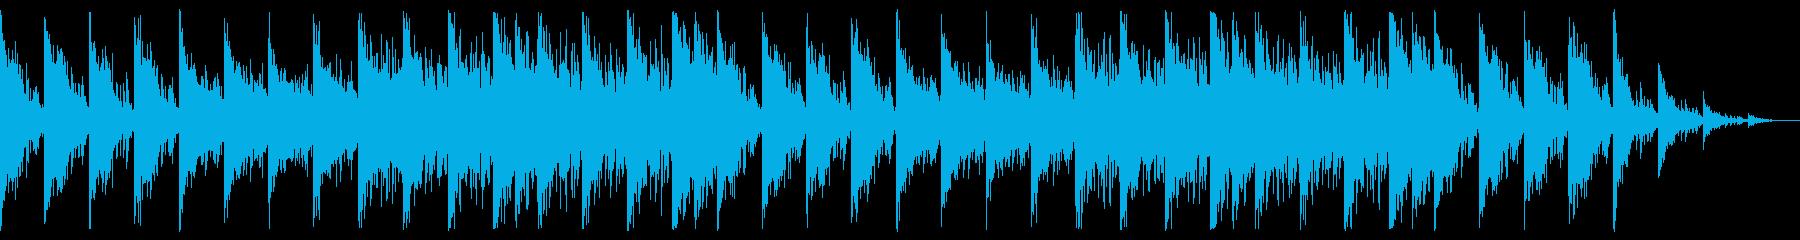 軽めでやわらかい民族風音楽の再生済みの波形